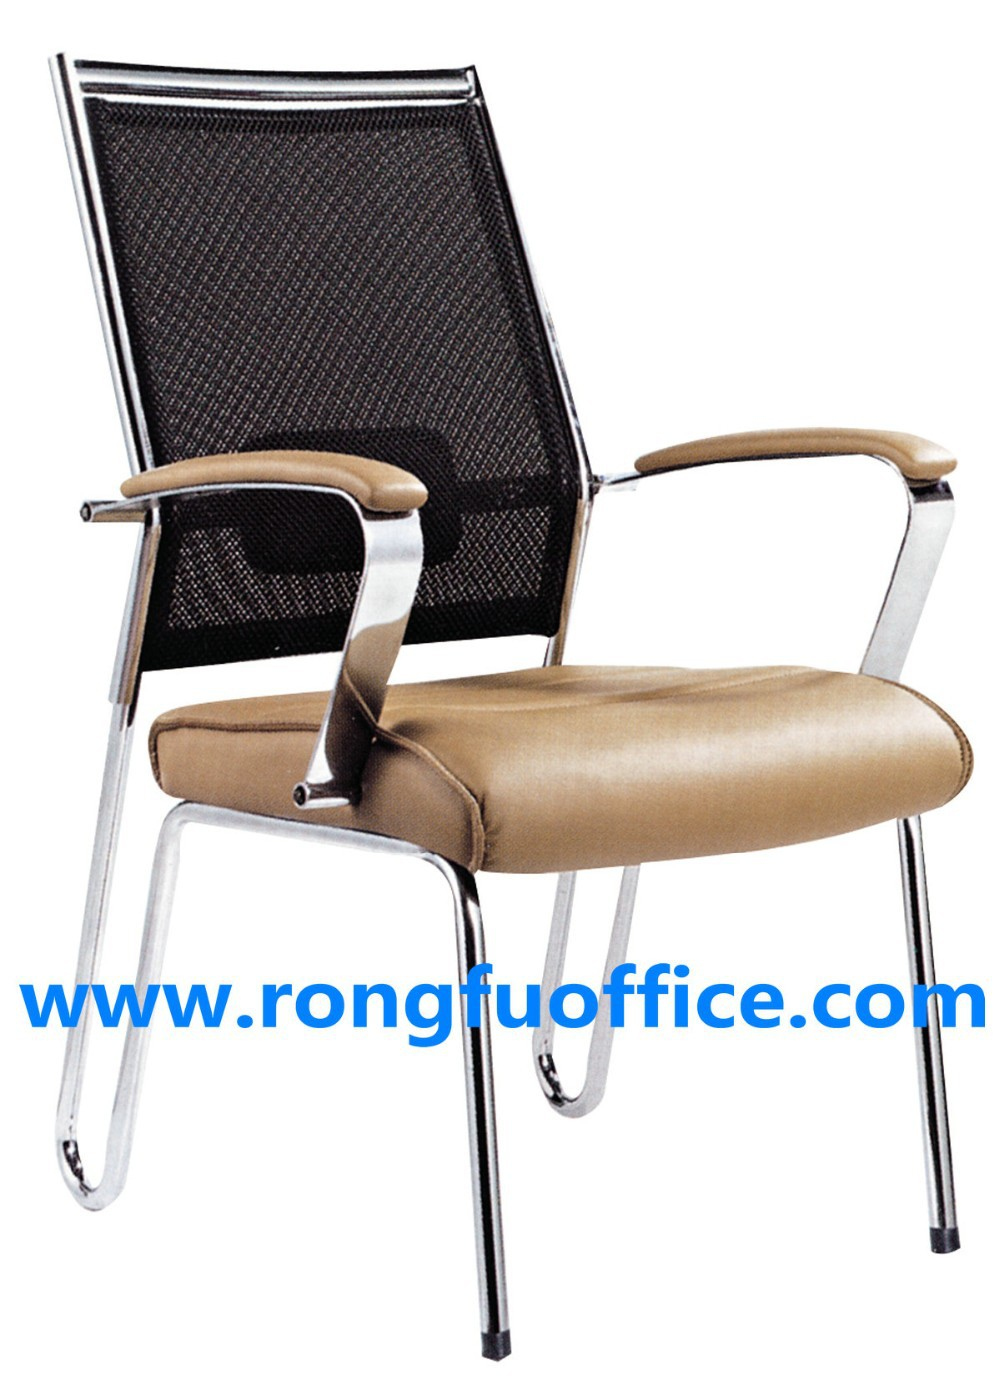 удобные исполнительный офис стулья / стул в китай РФ-o9029d